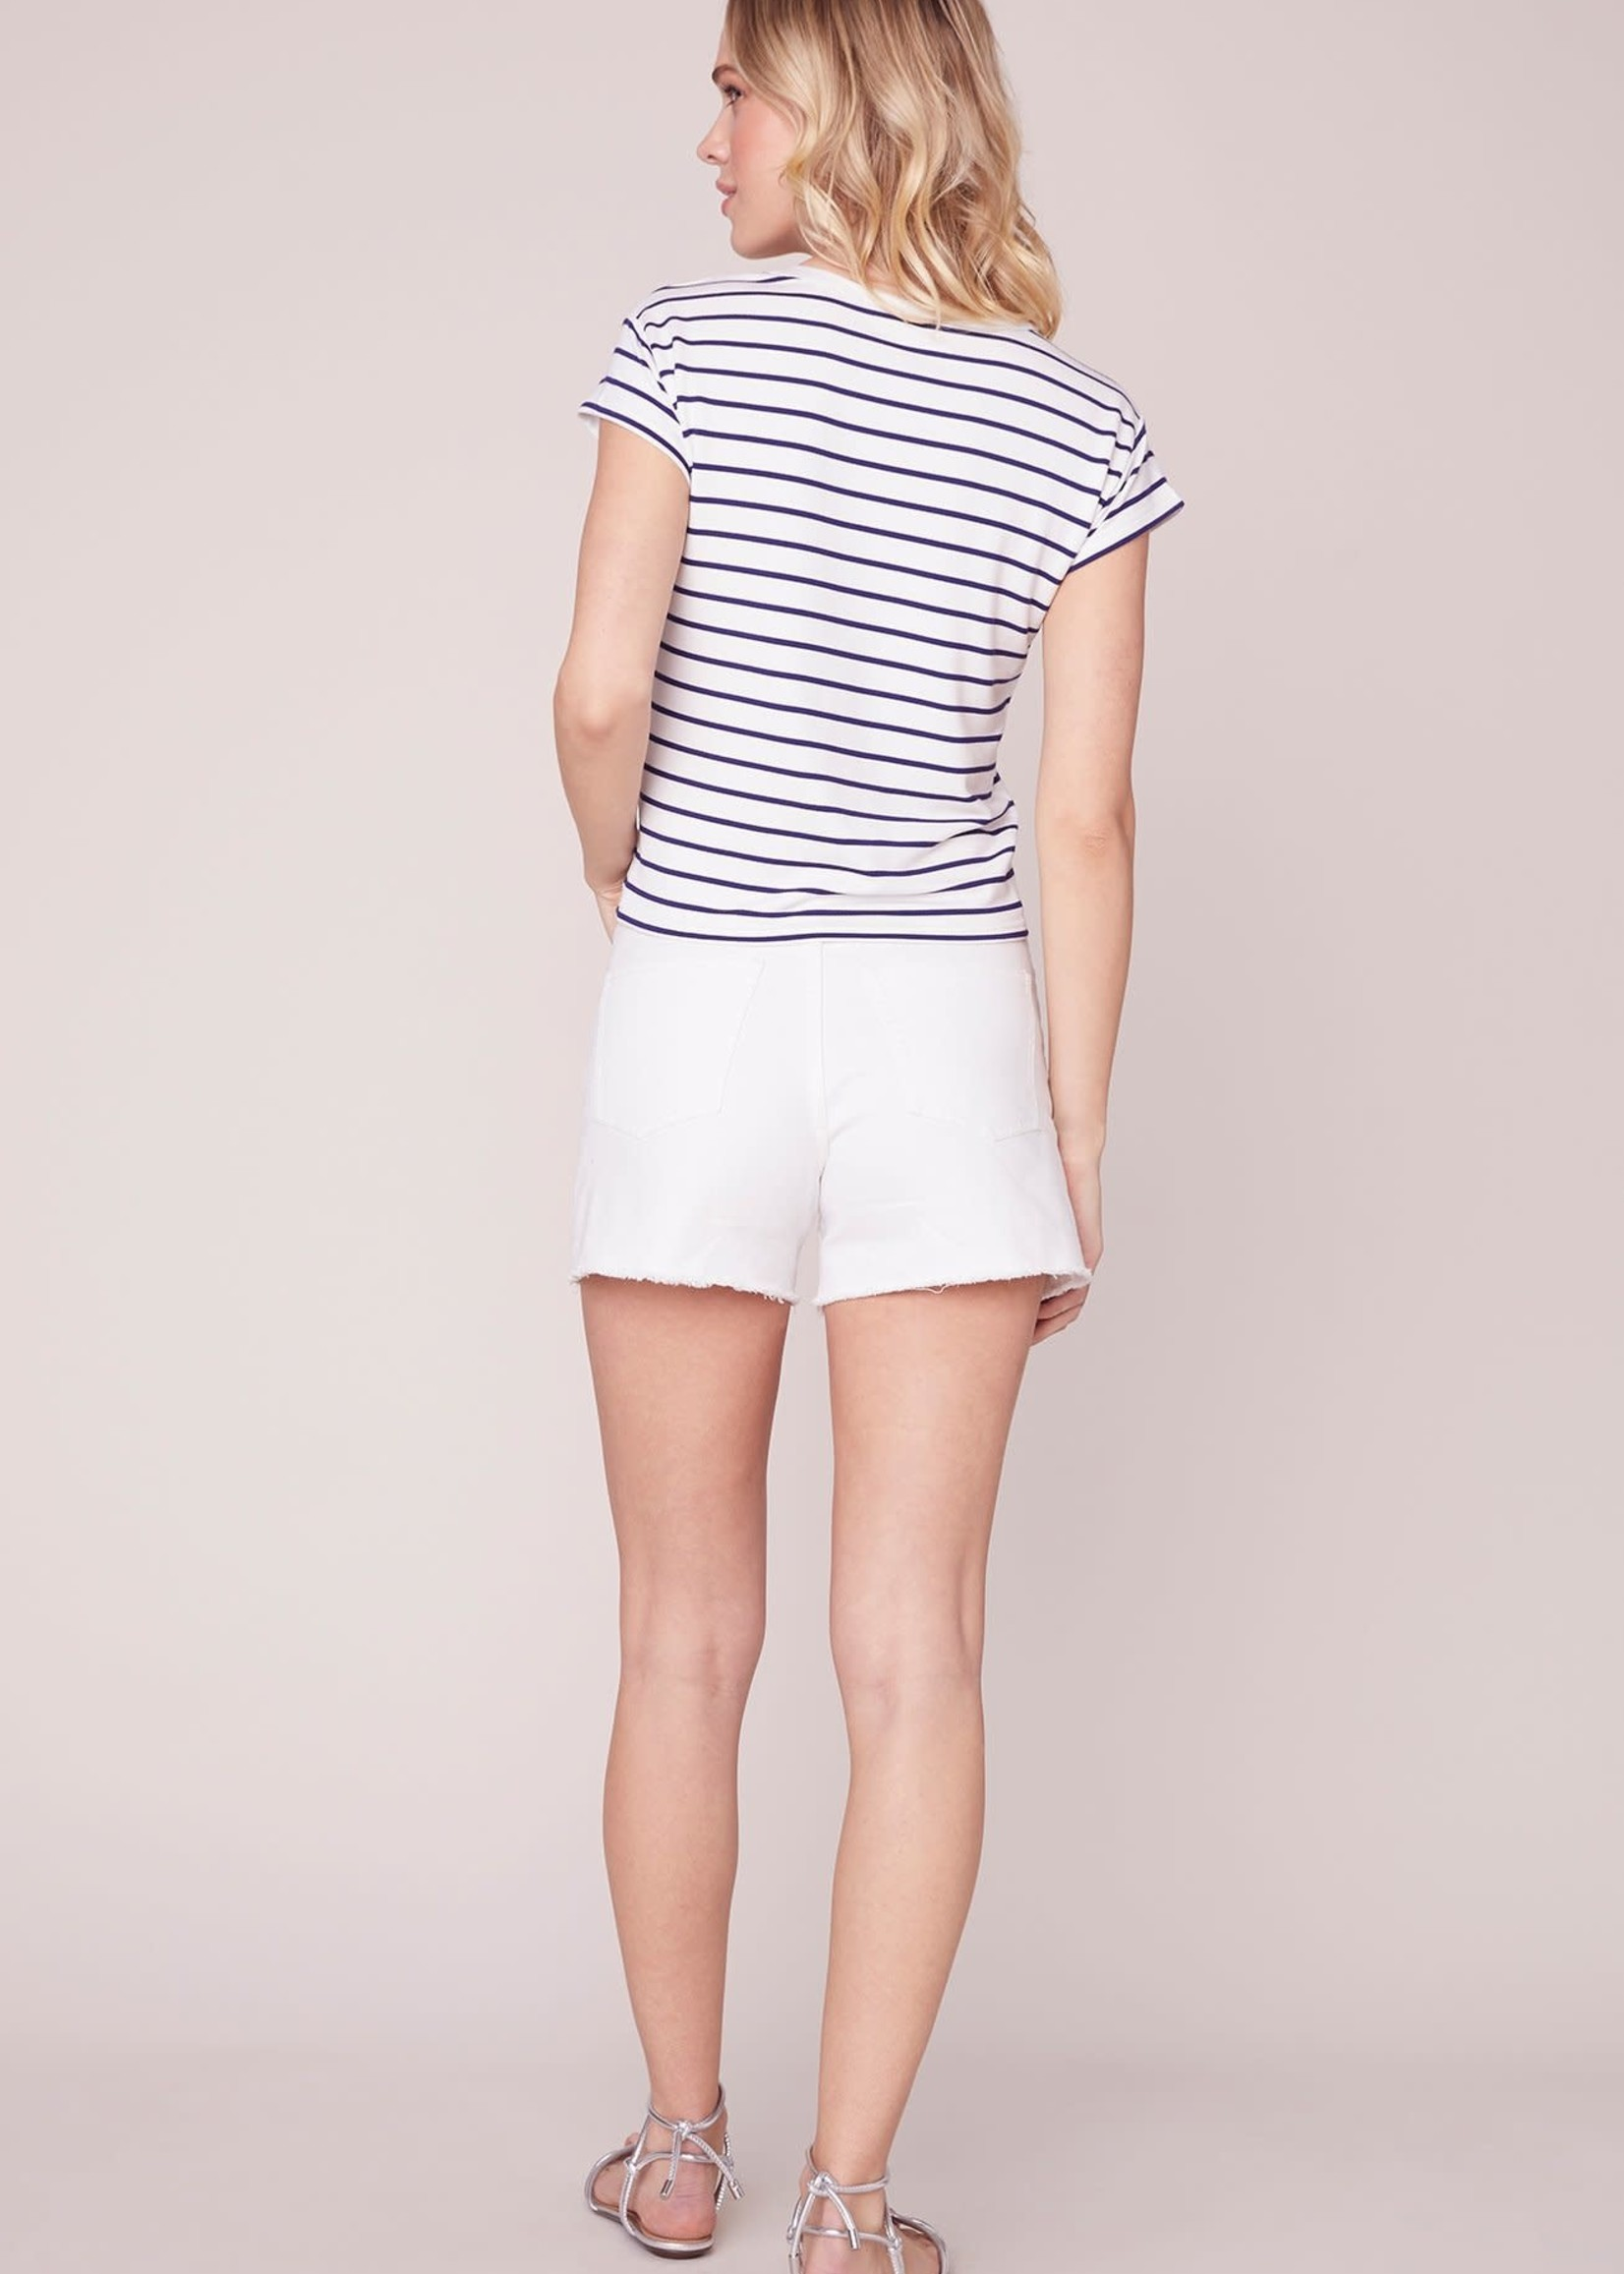 Stripes Ahoy Tee